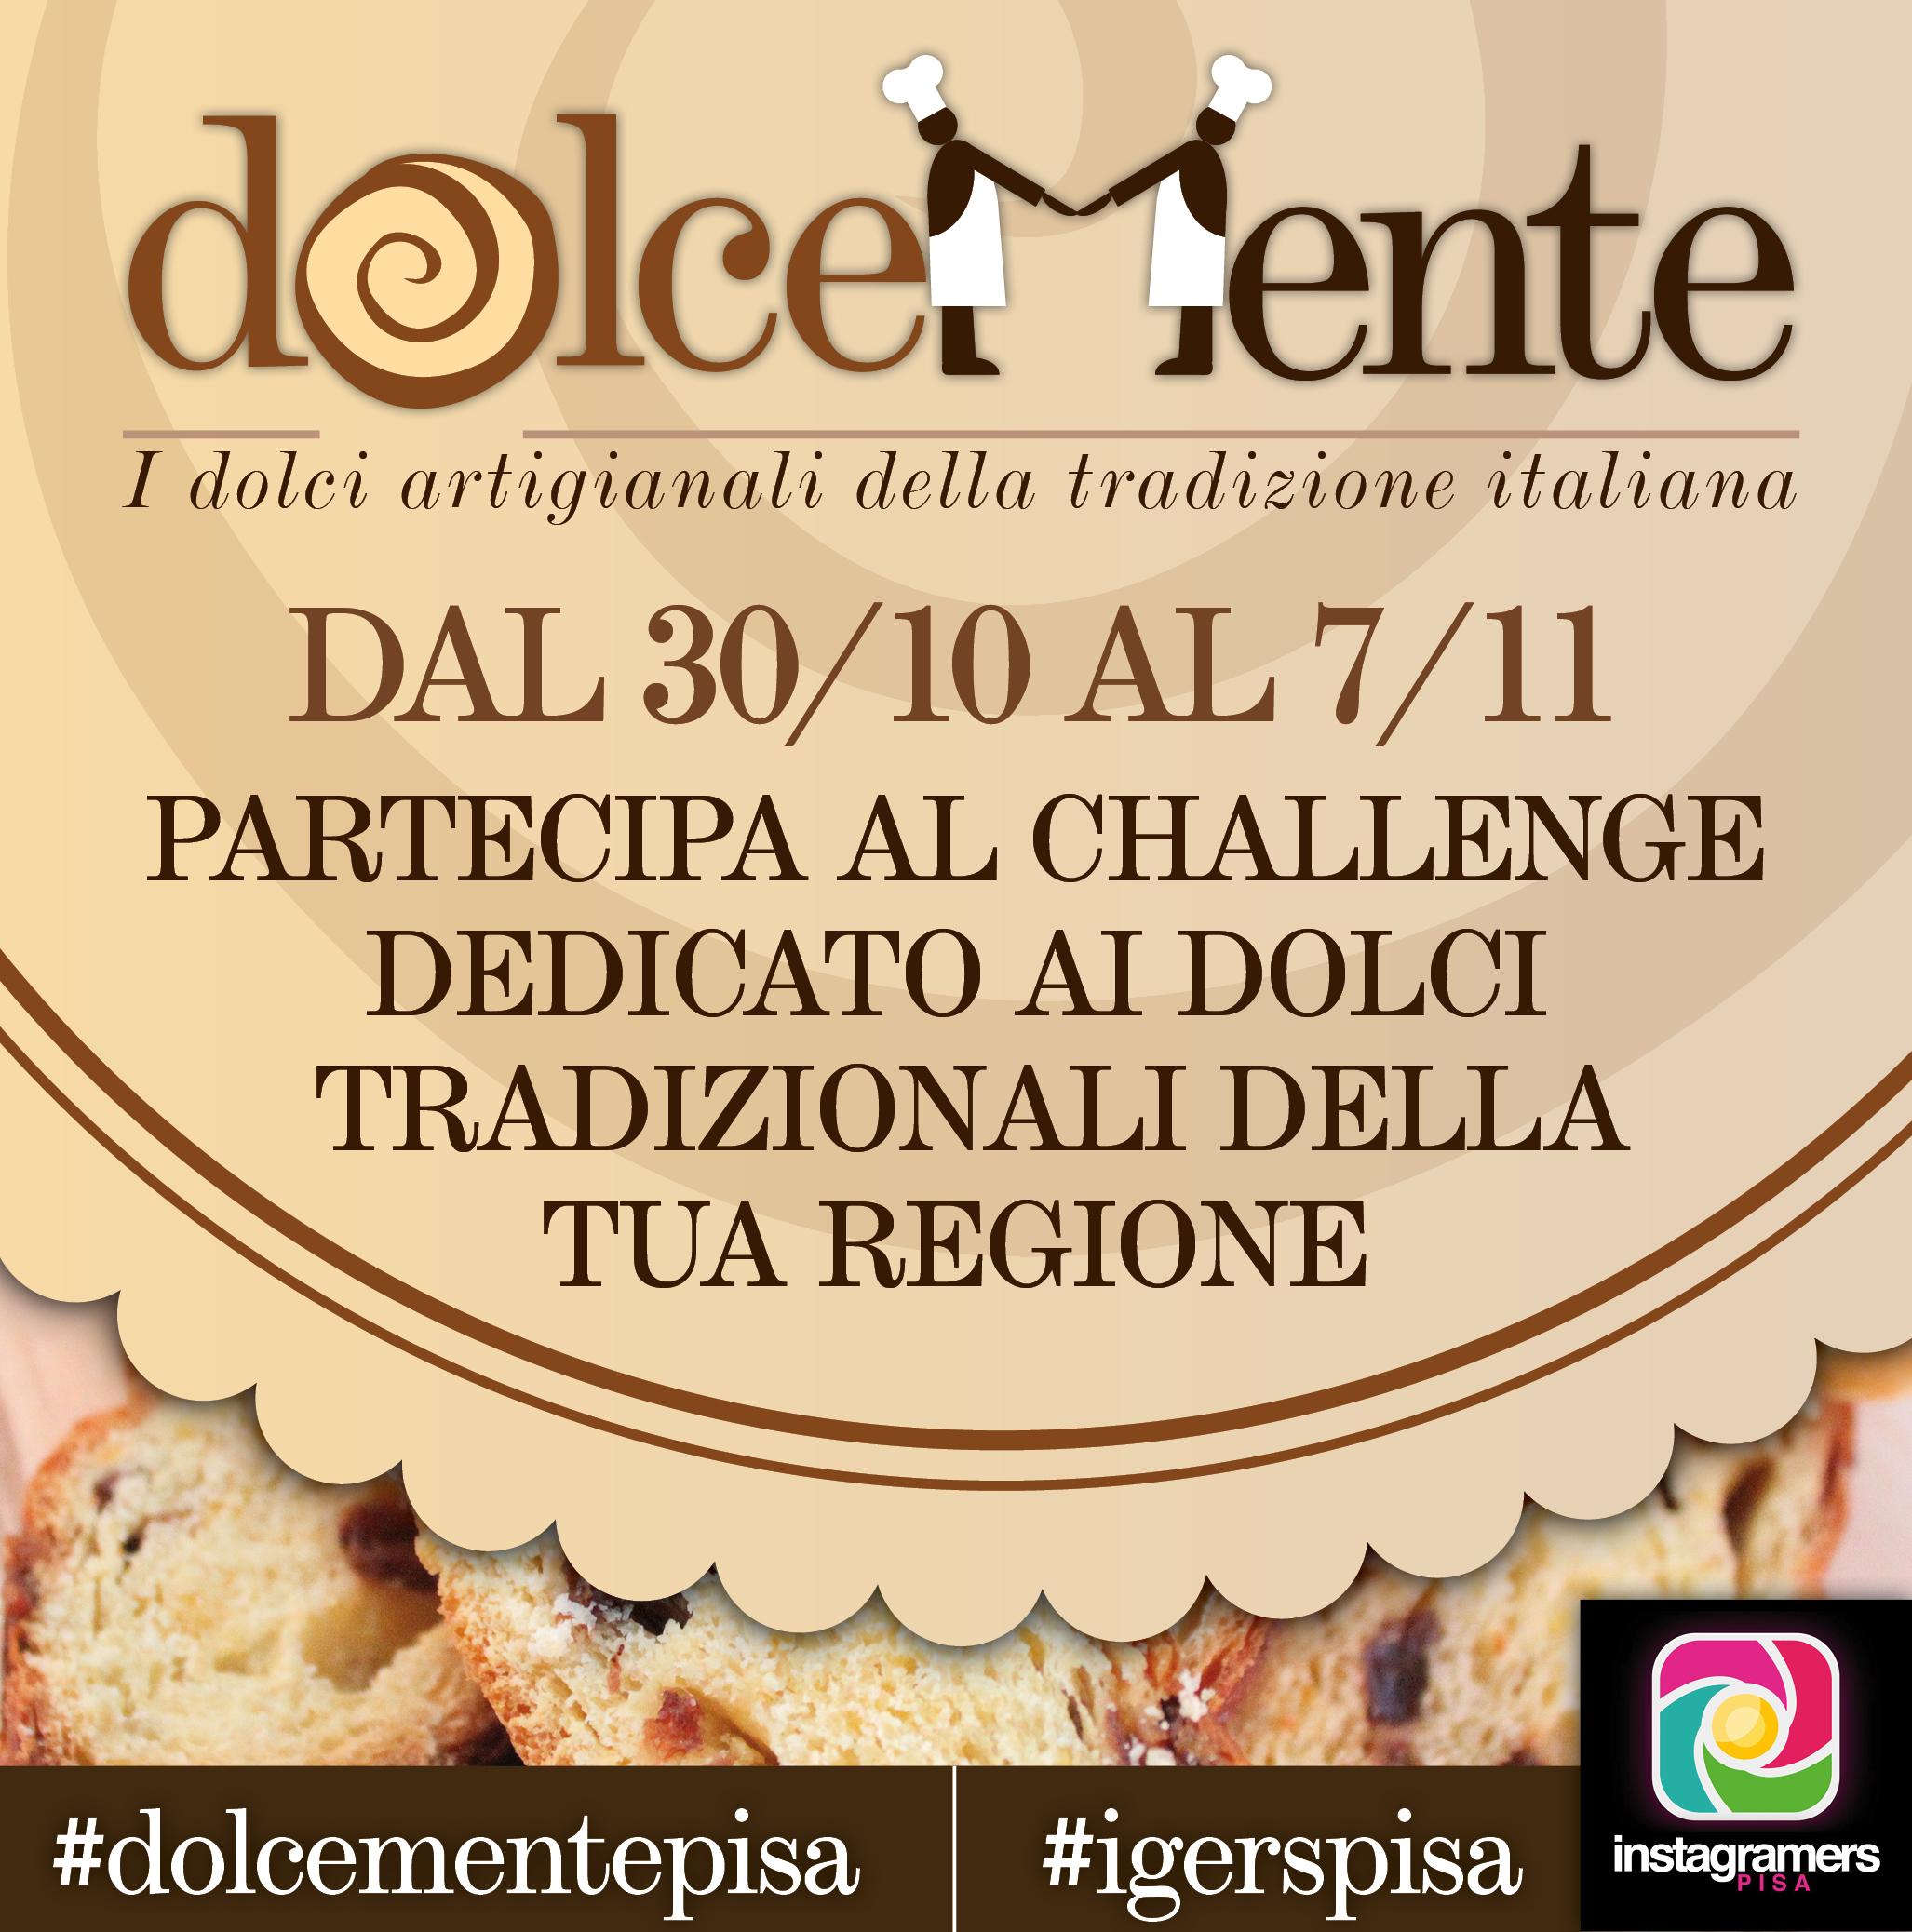 I dolci della tradizione italiana con #dolcementepisa